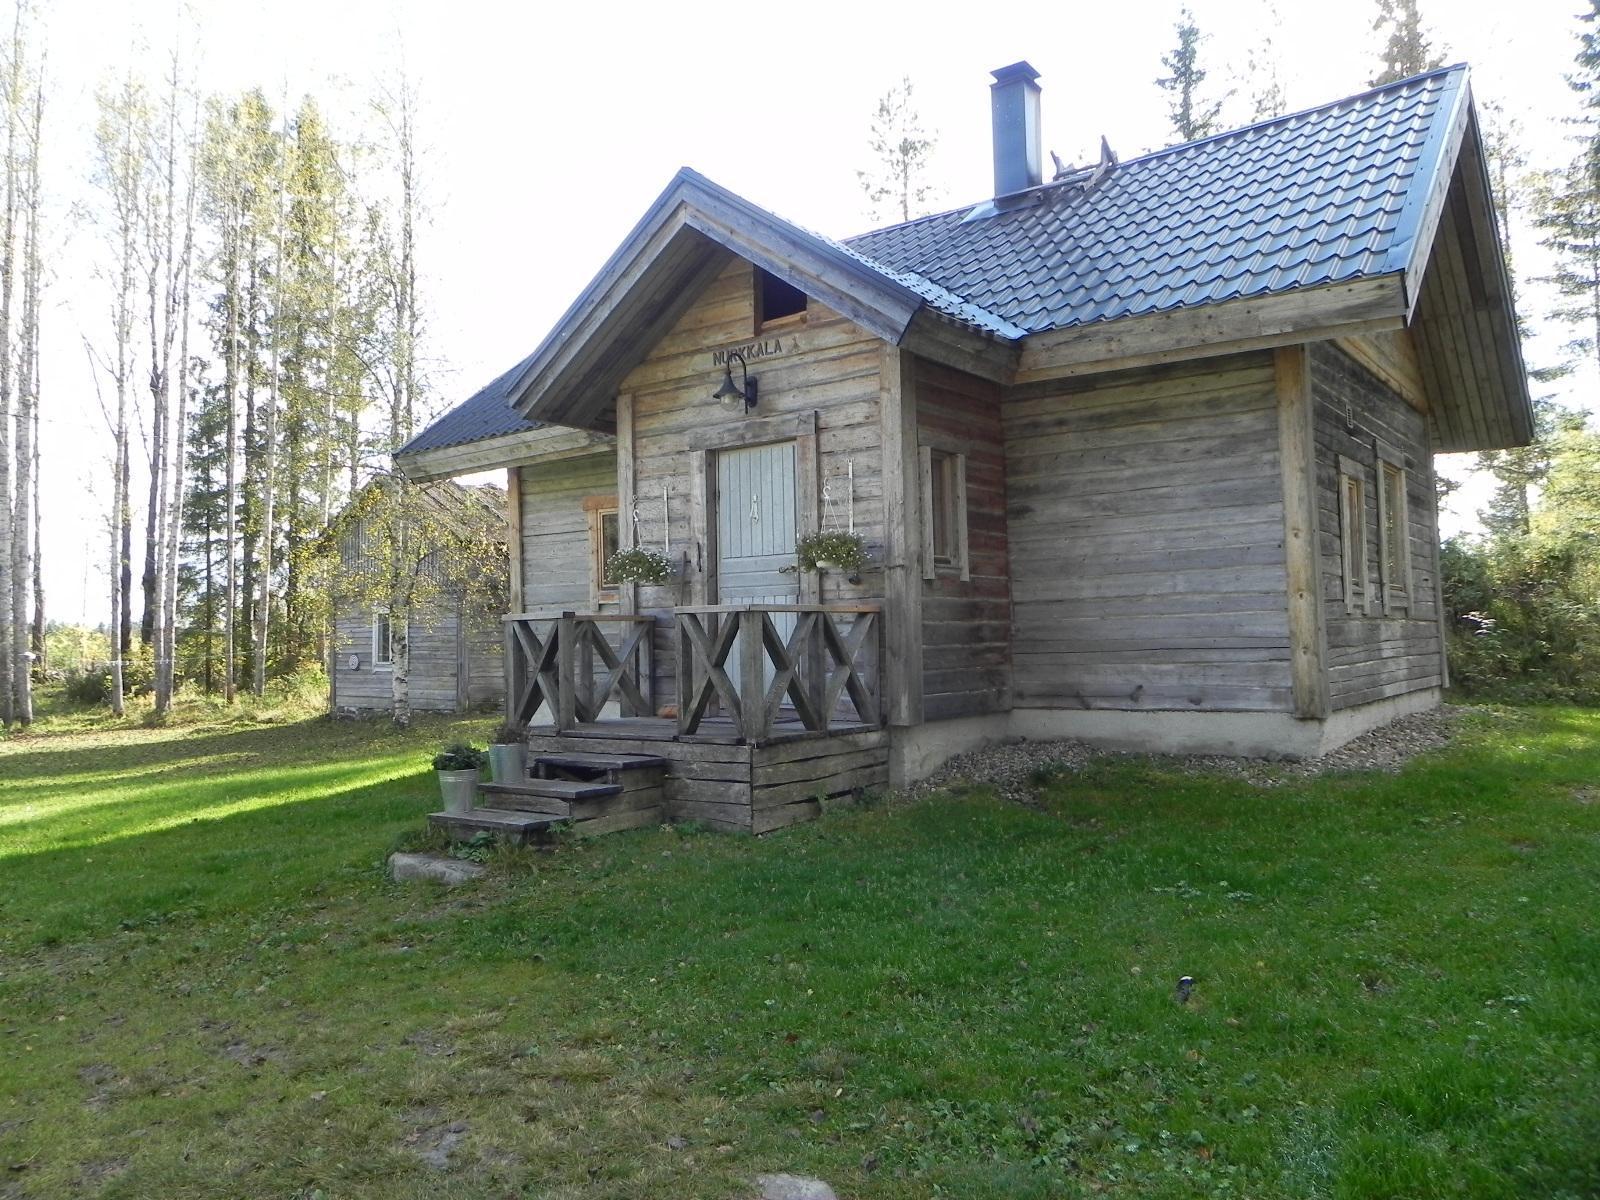 vanha hirsimökki Kajaanin ja Vuokatin läheisyydessä